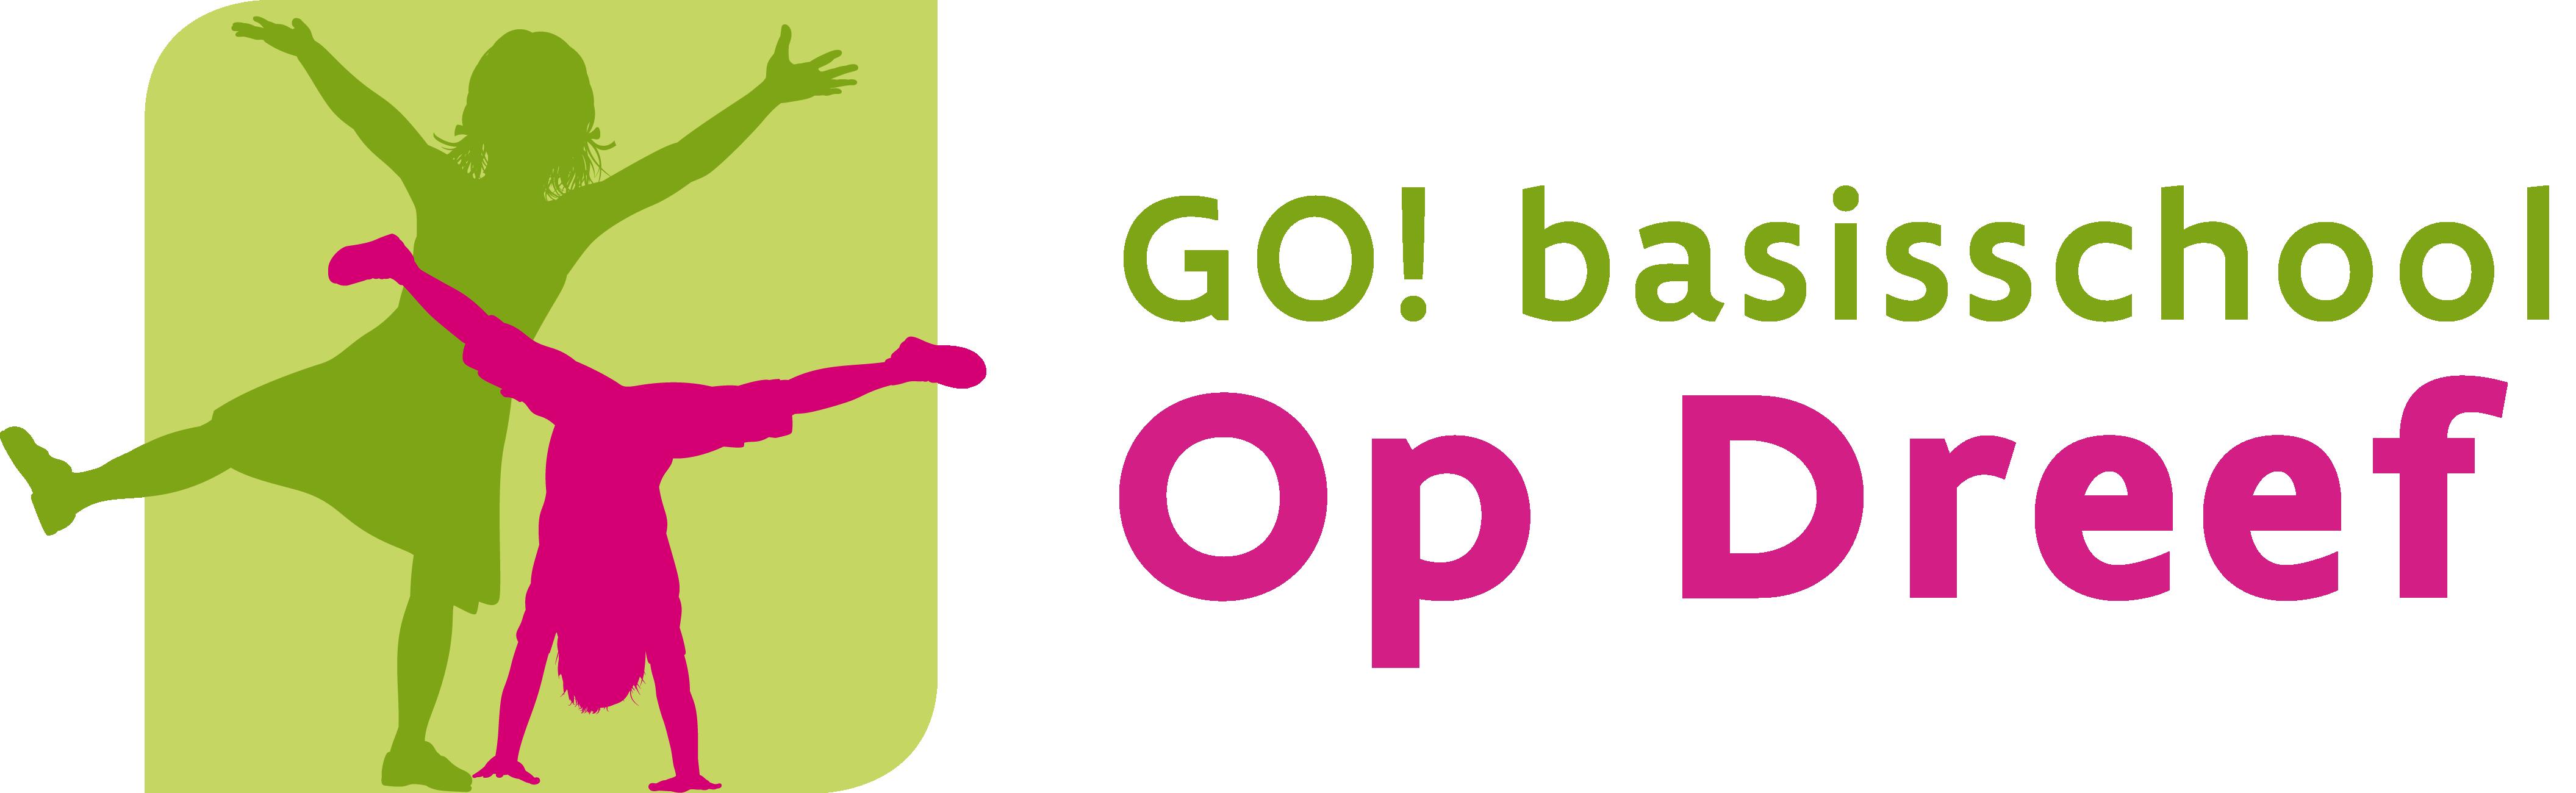 GO! basisschool Op Dreef